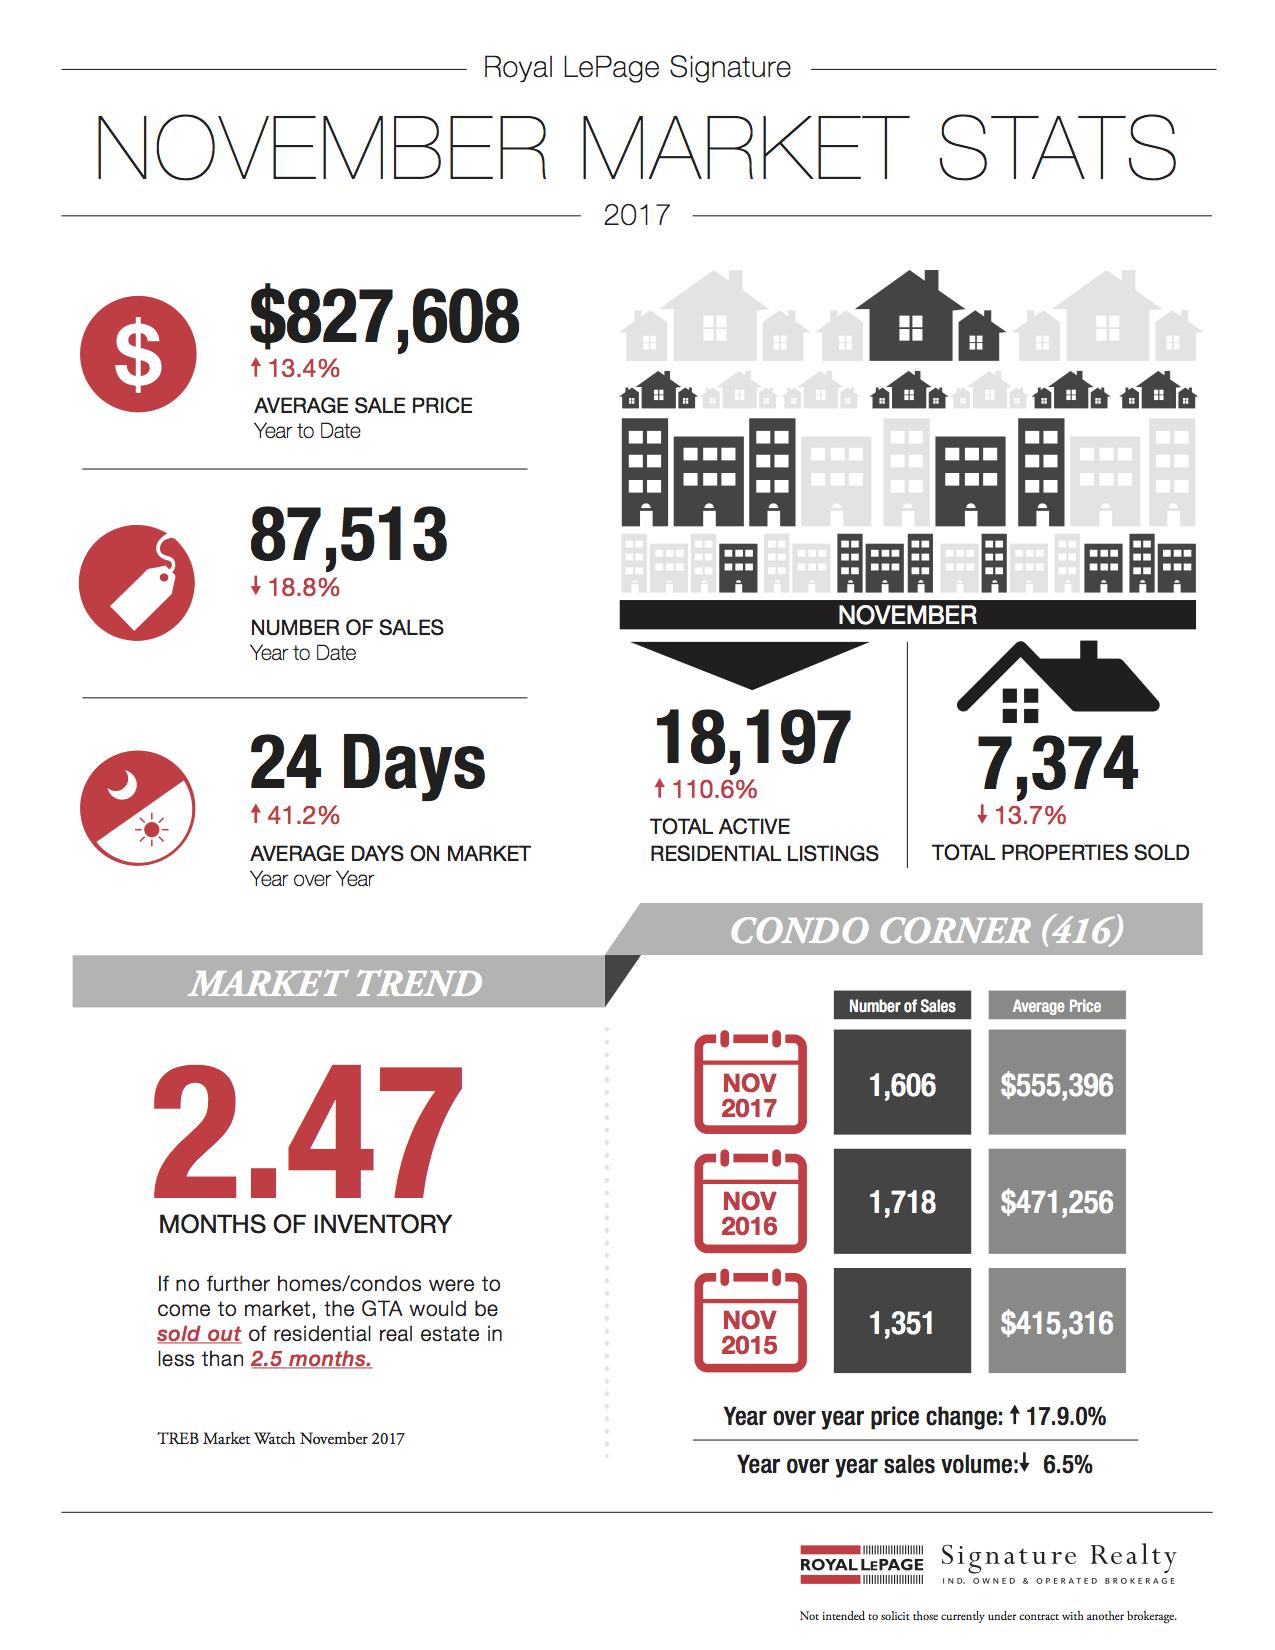 RLPS_Nov_Infographic_DT_Let_Dec5_2017.jpg